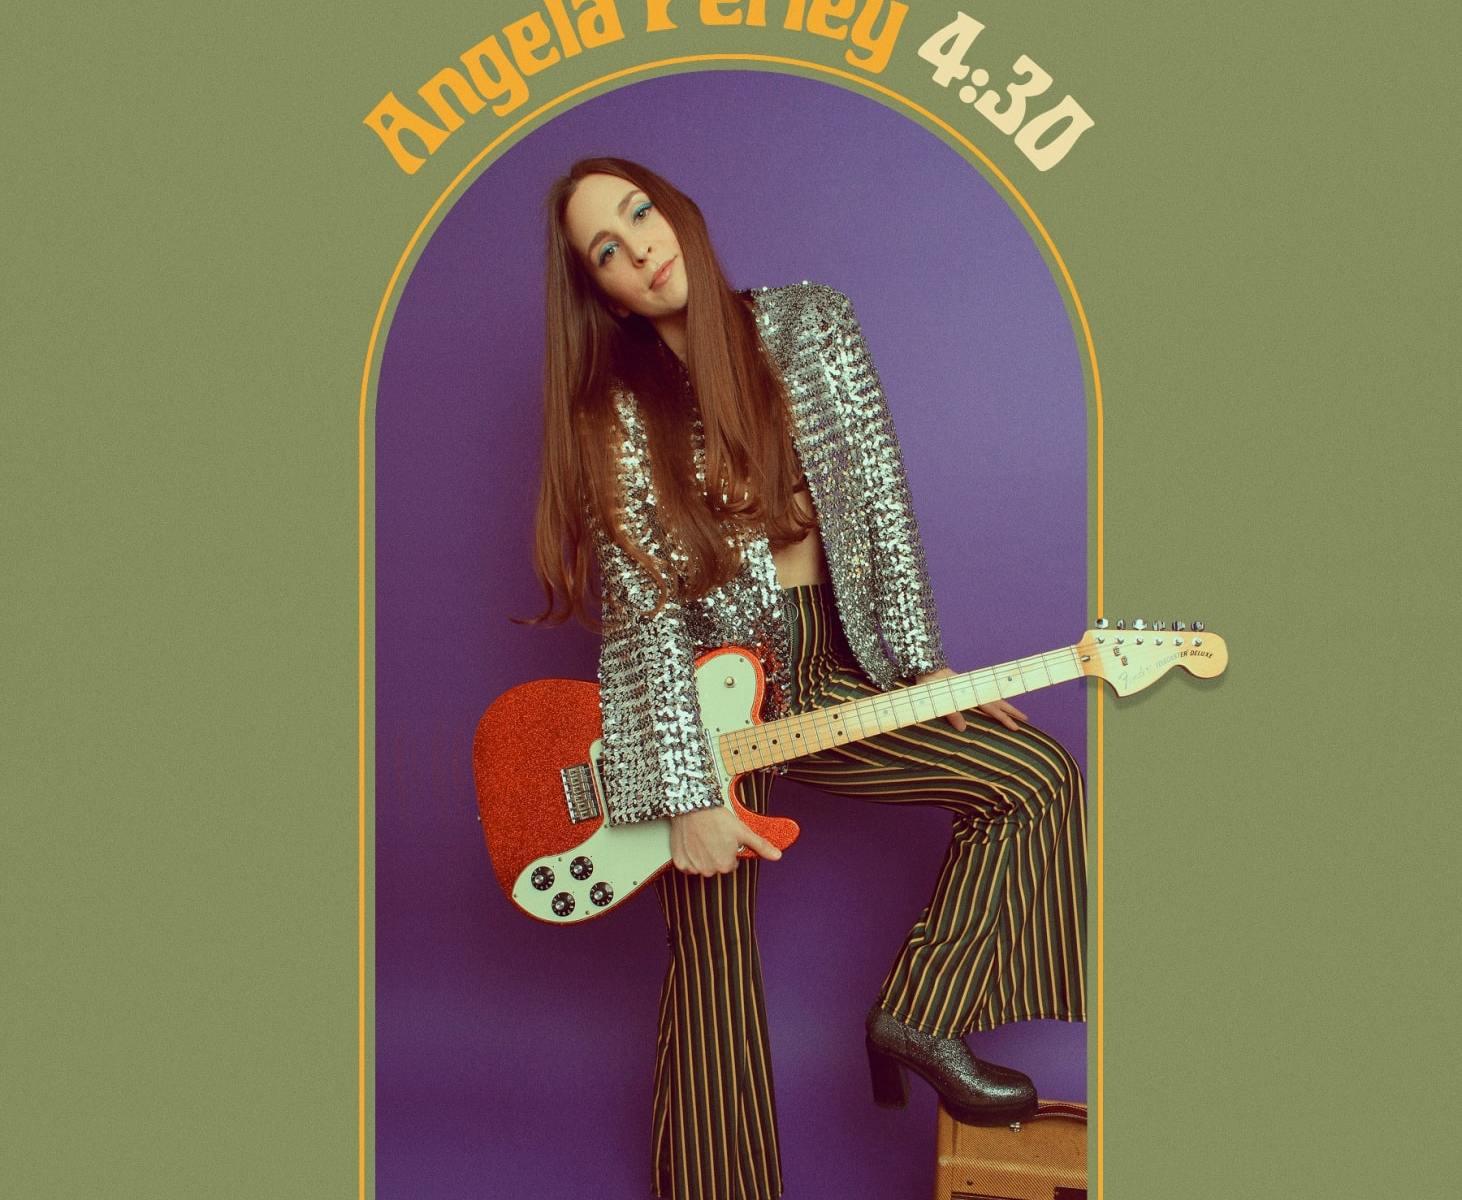 Angela Perley